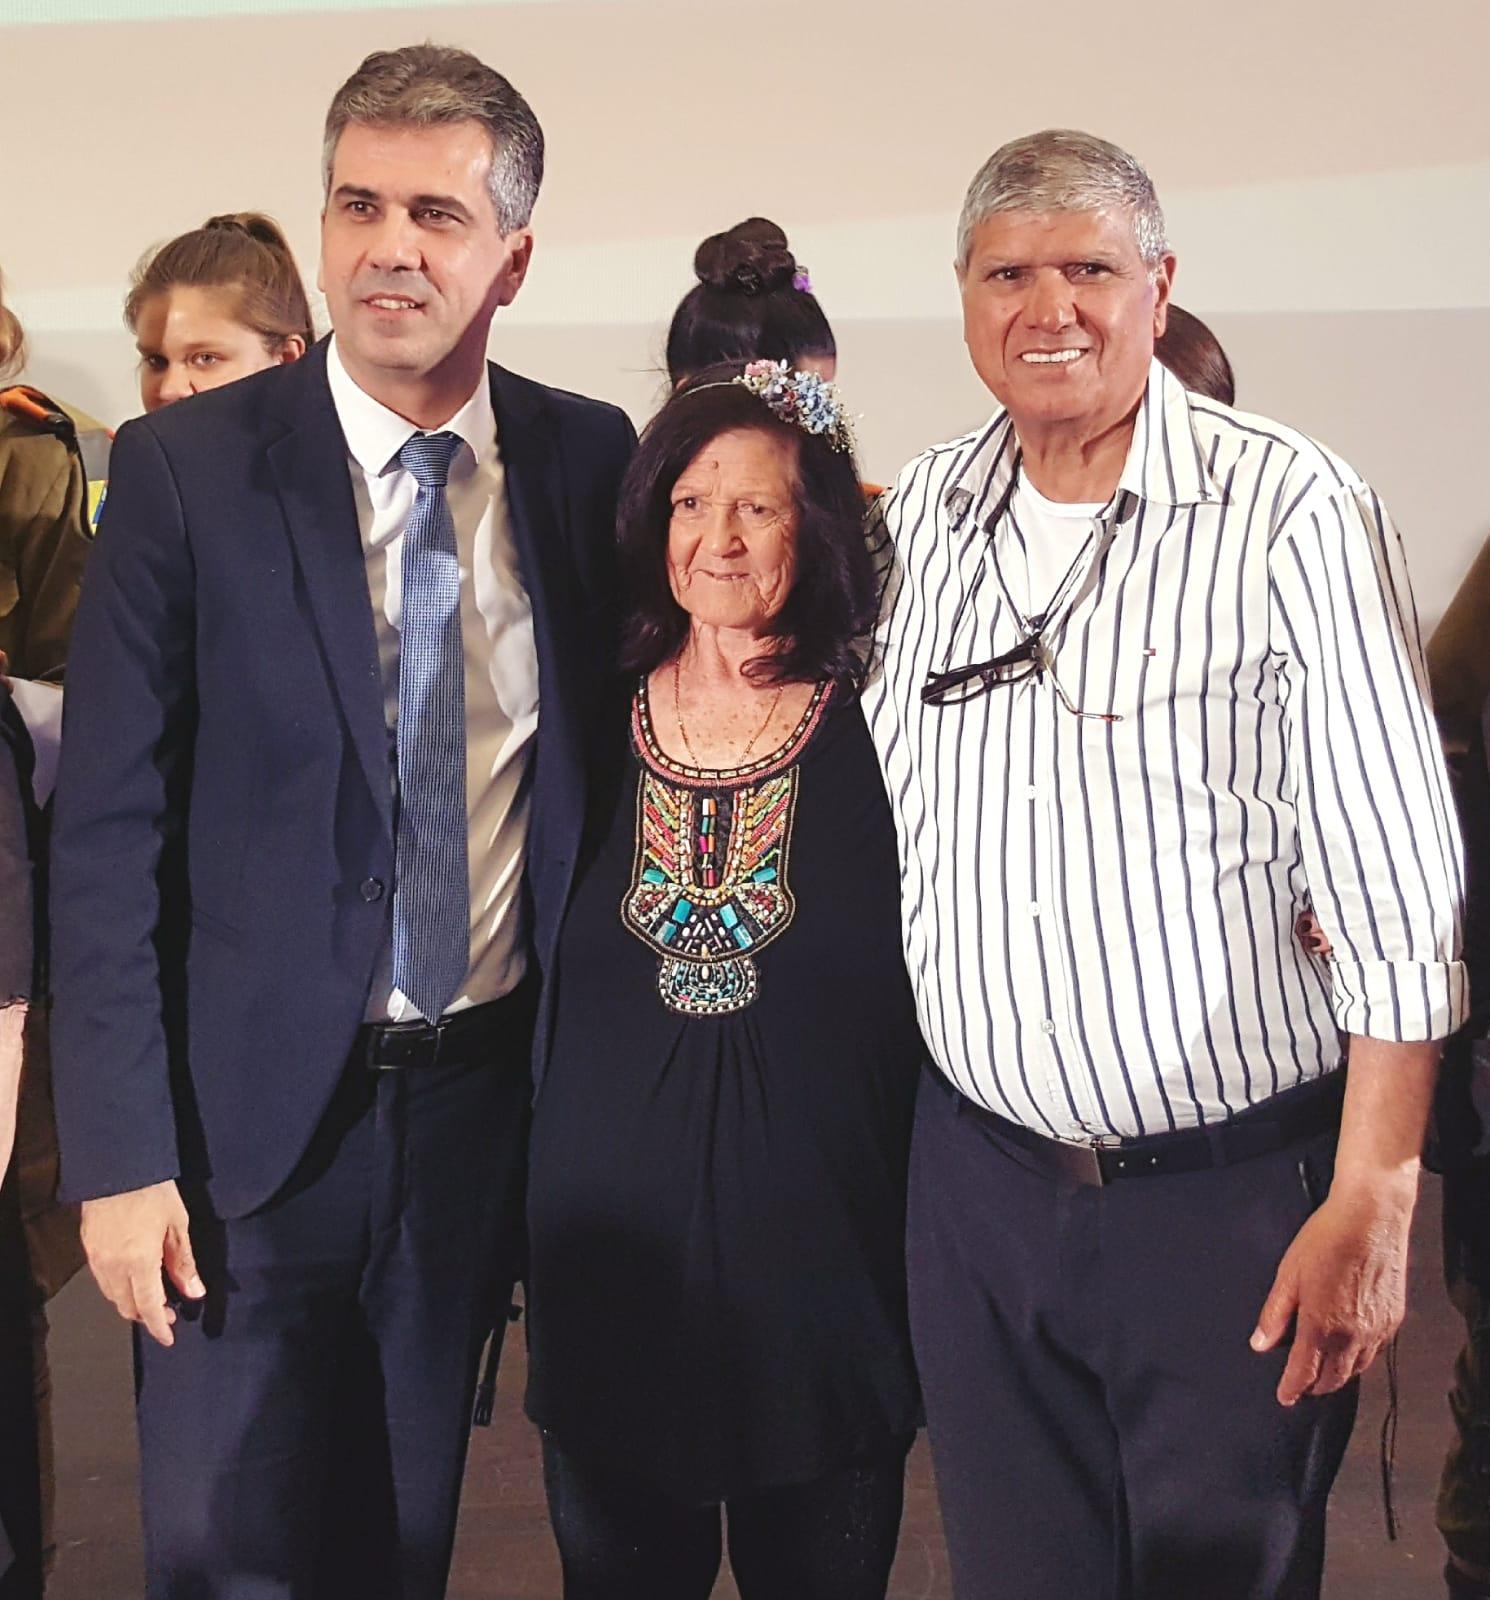 השר כהן וראש המועצה אבי הררי - אירוע גיבורות היופי 2019